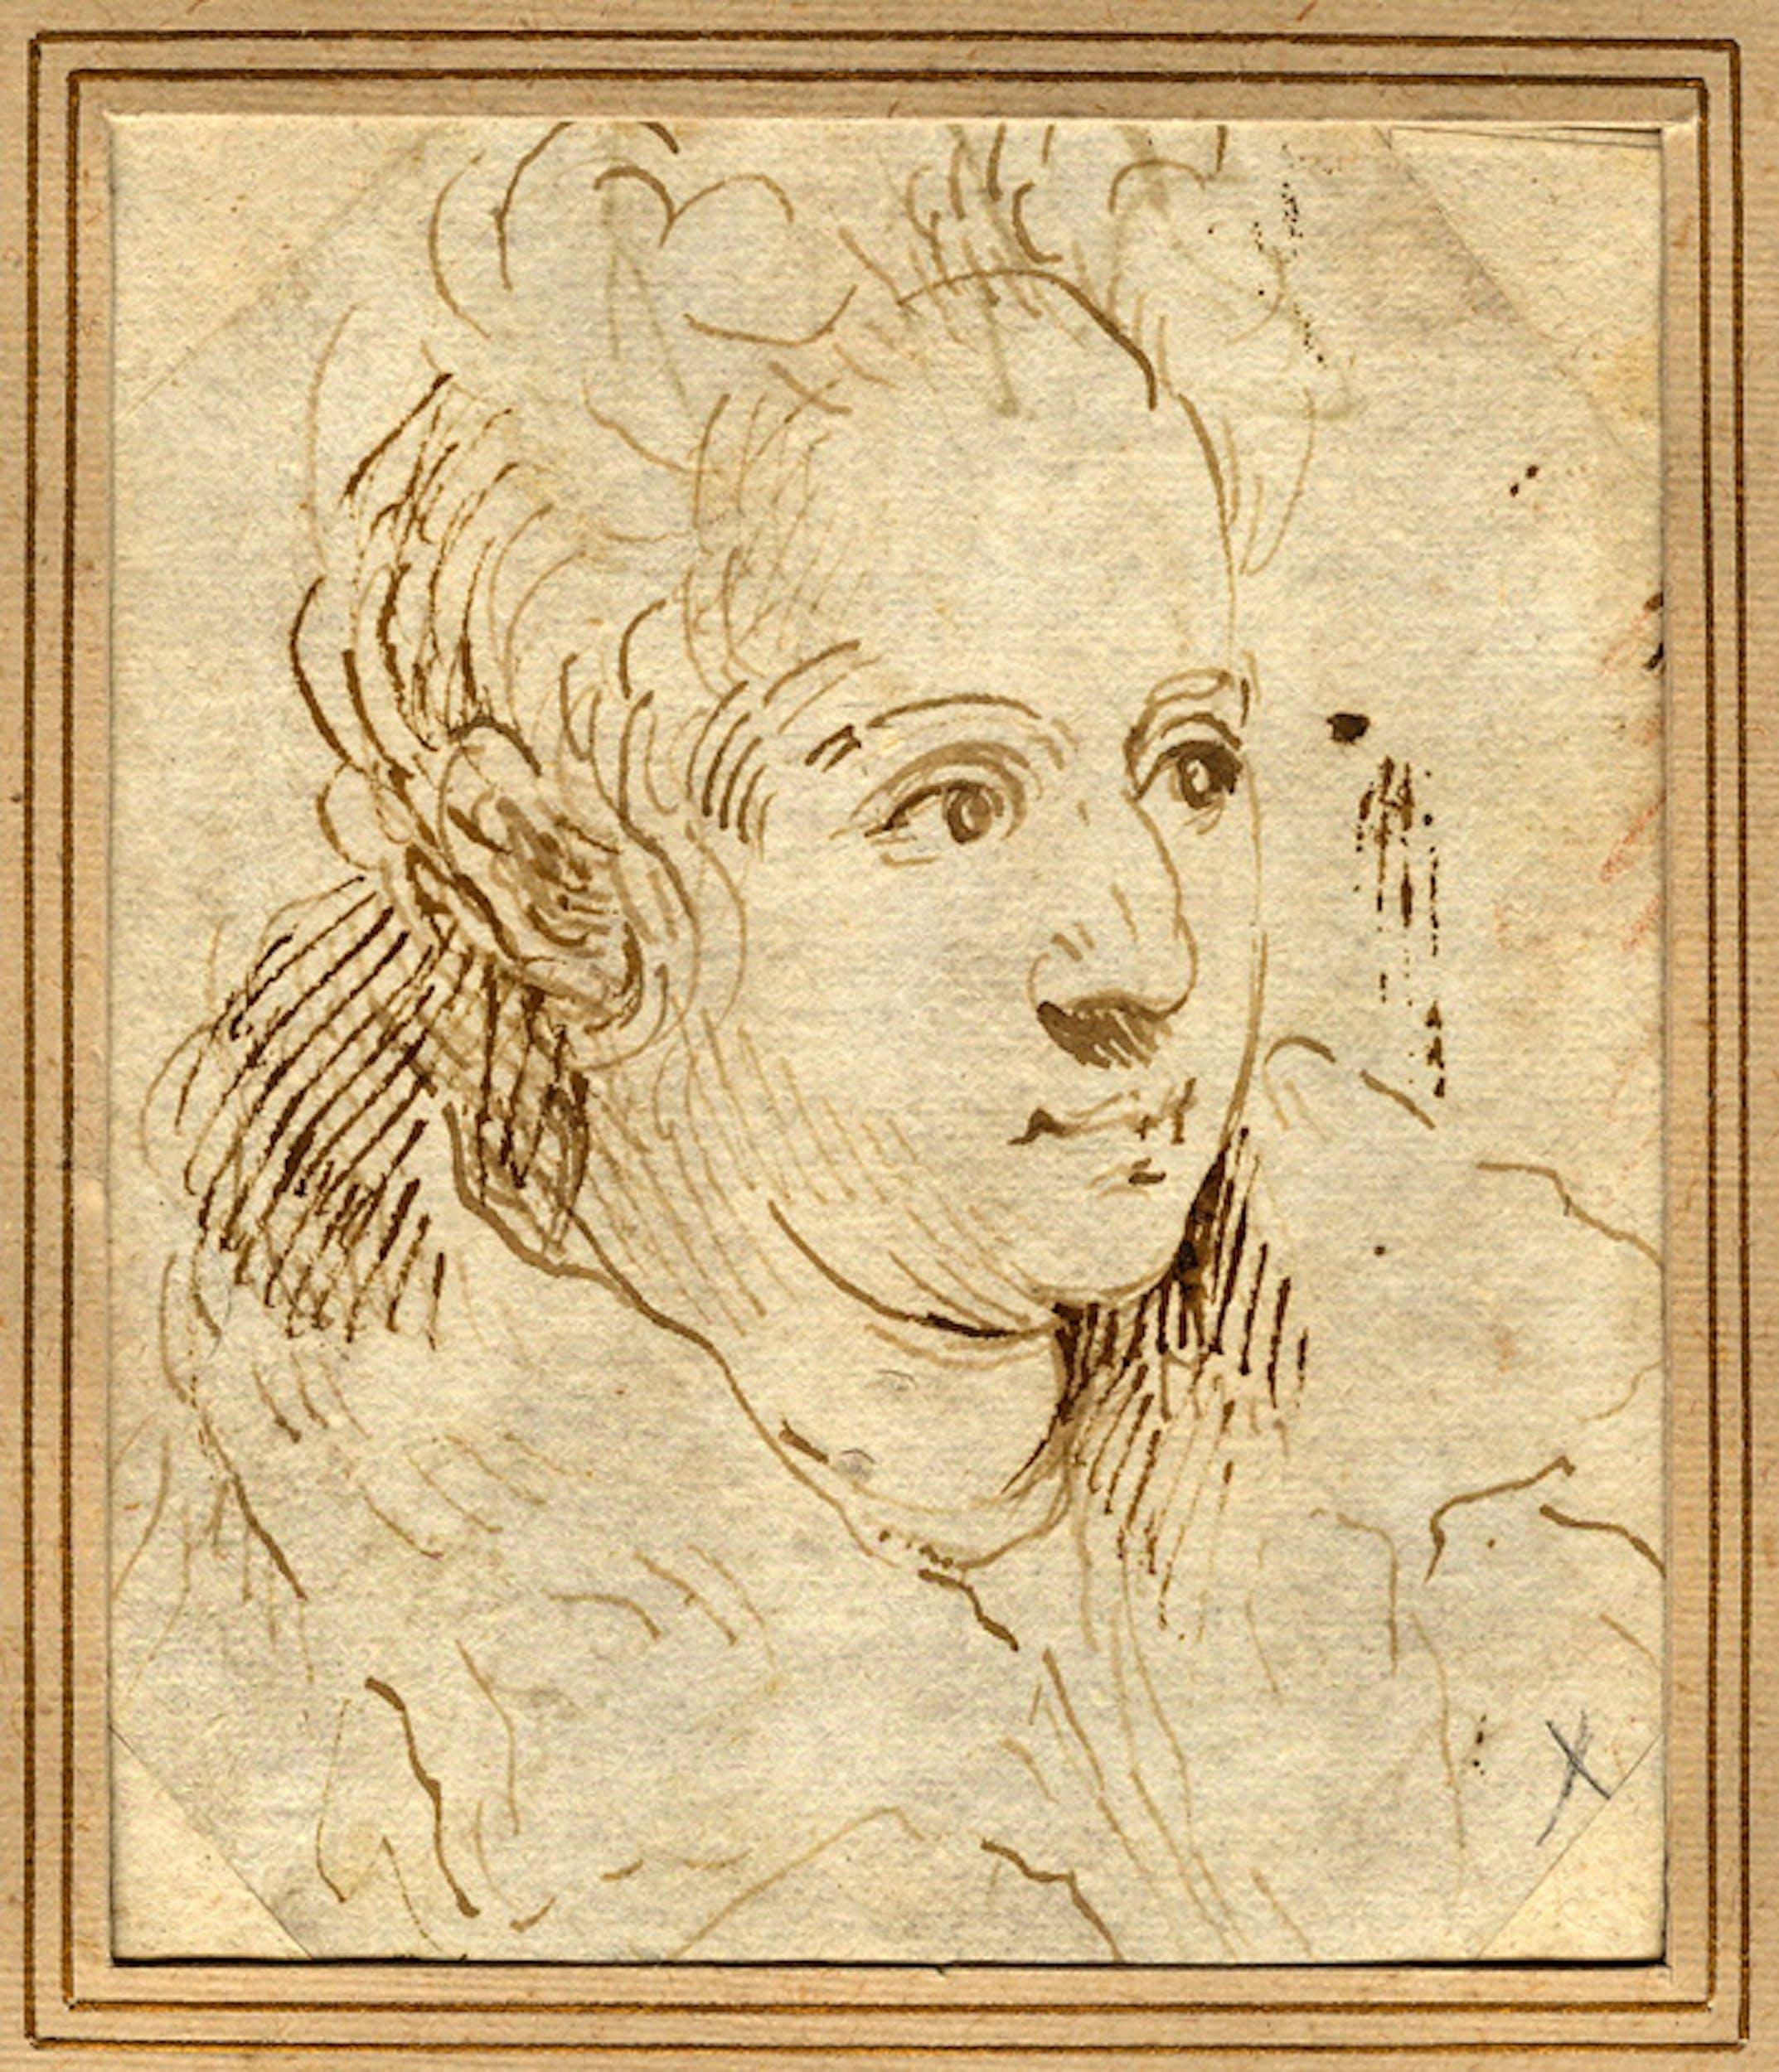 Palma il Giovane (Venezia 1544-1628), Ritratto della moglie, penna e inchiostro